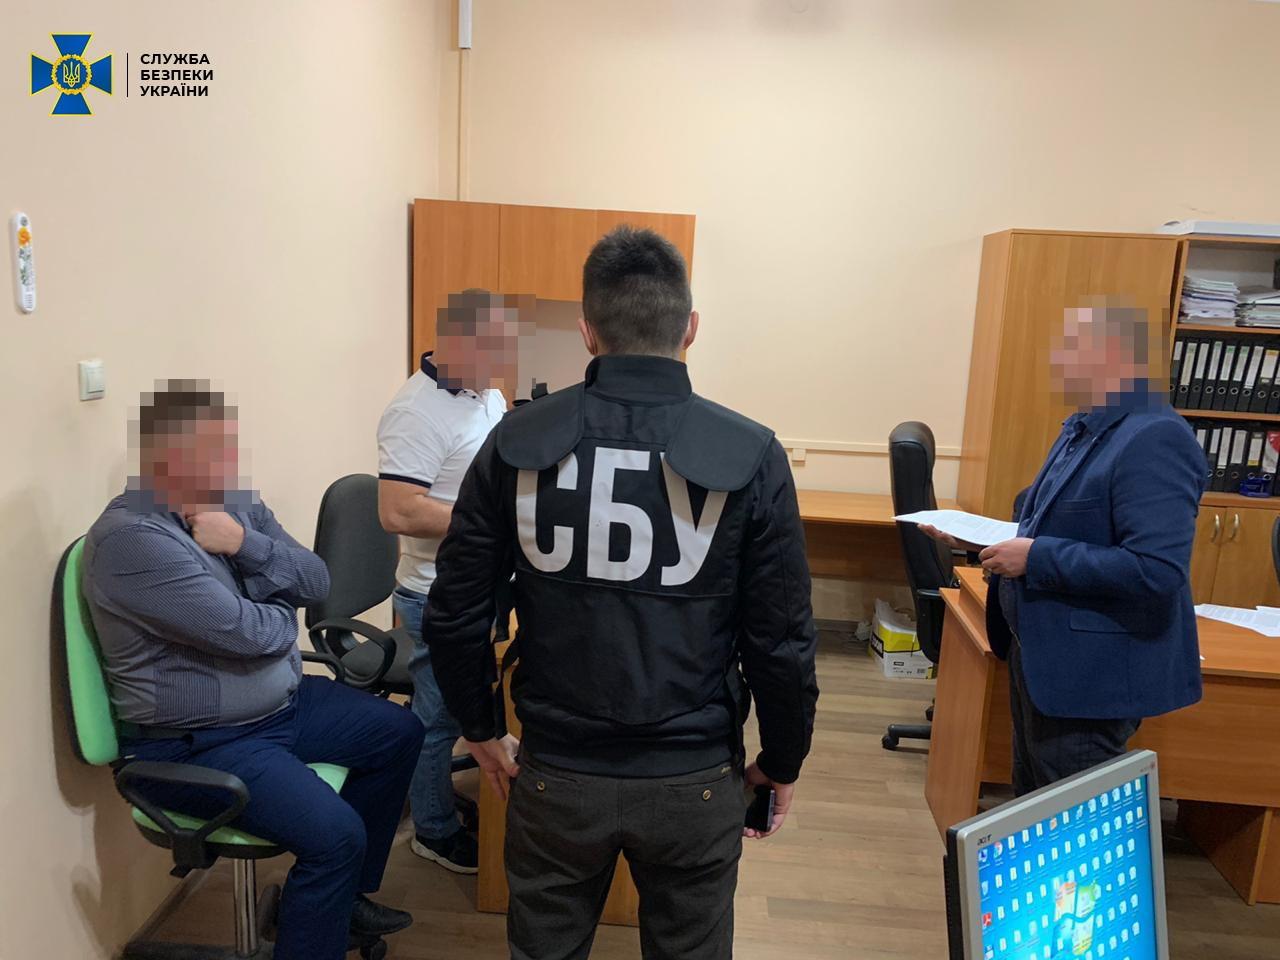 Служба безопасности Украины разоблачила и заблокировала схему масштабного хищения лесных ресурсов на предприятиях Мокрянского и Великоберезнянского государственного лесного хозяйства.